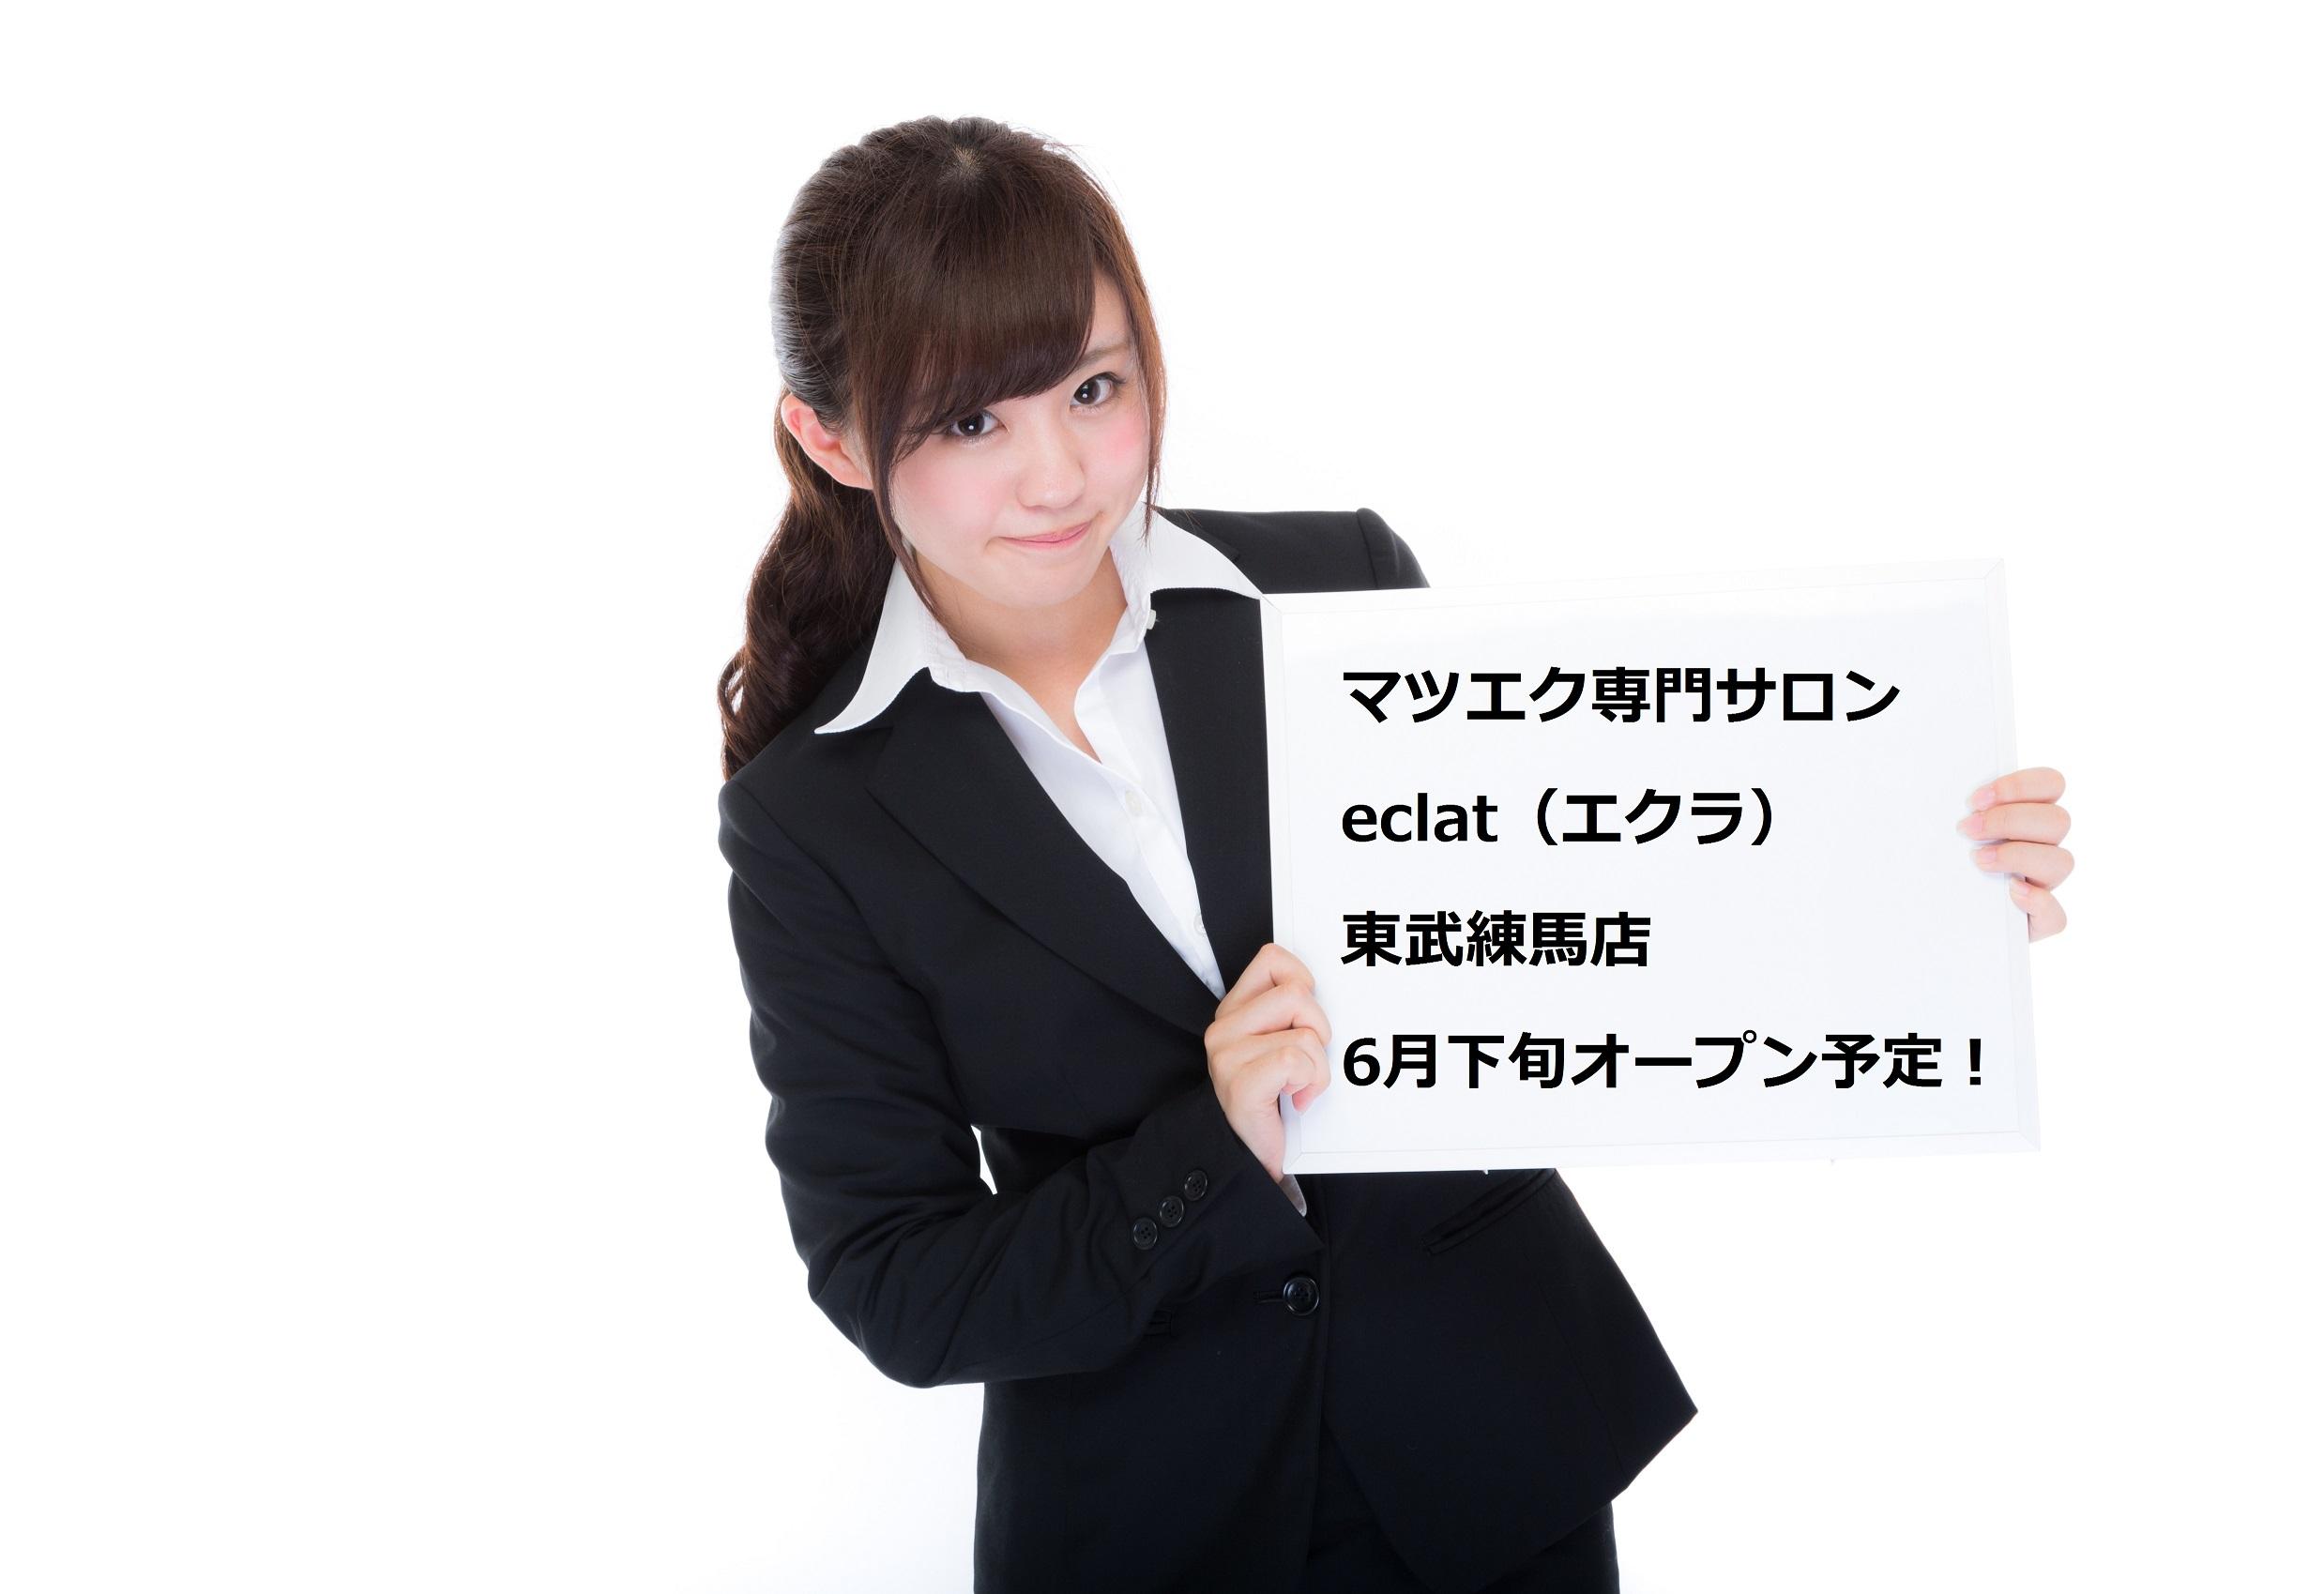 マツエク専門サロンeclat(エクラ)東武練馬店オープン準備中